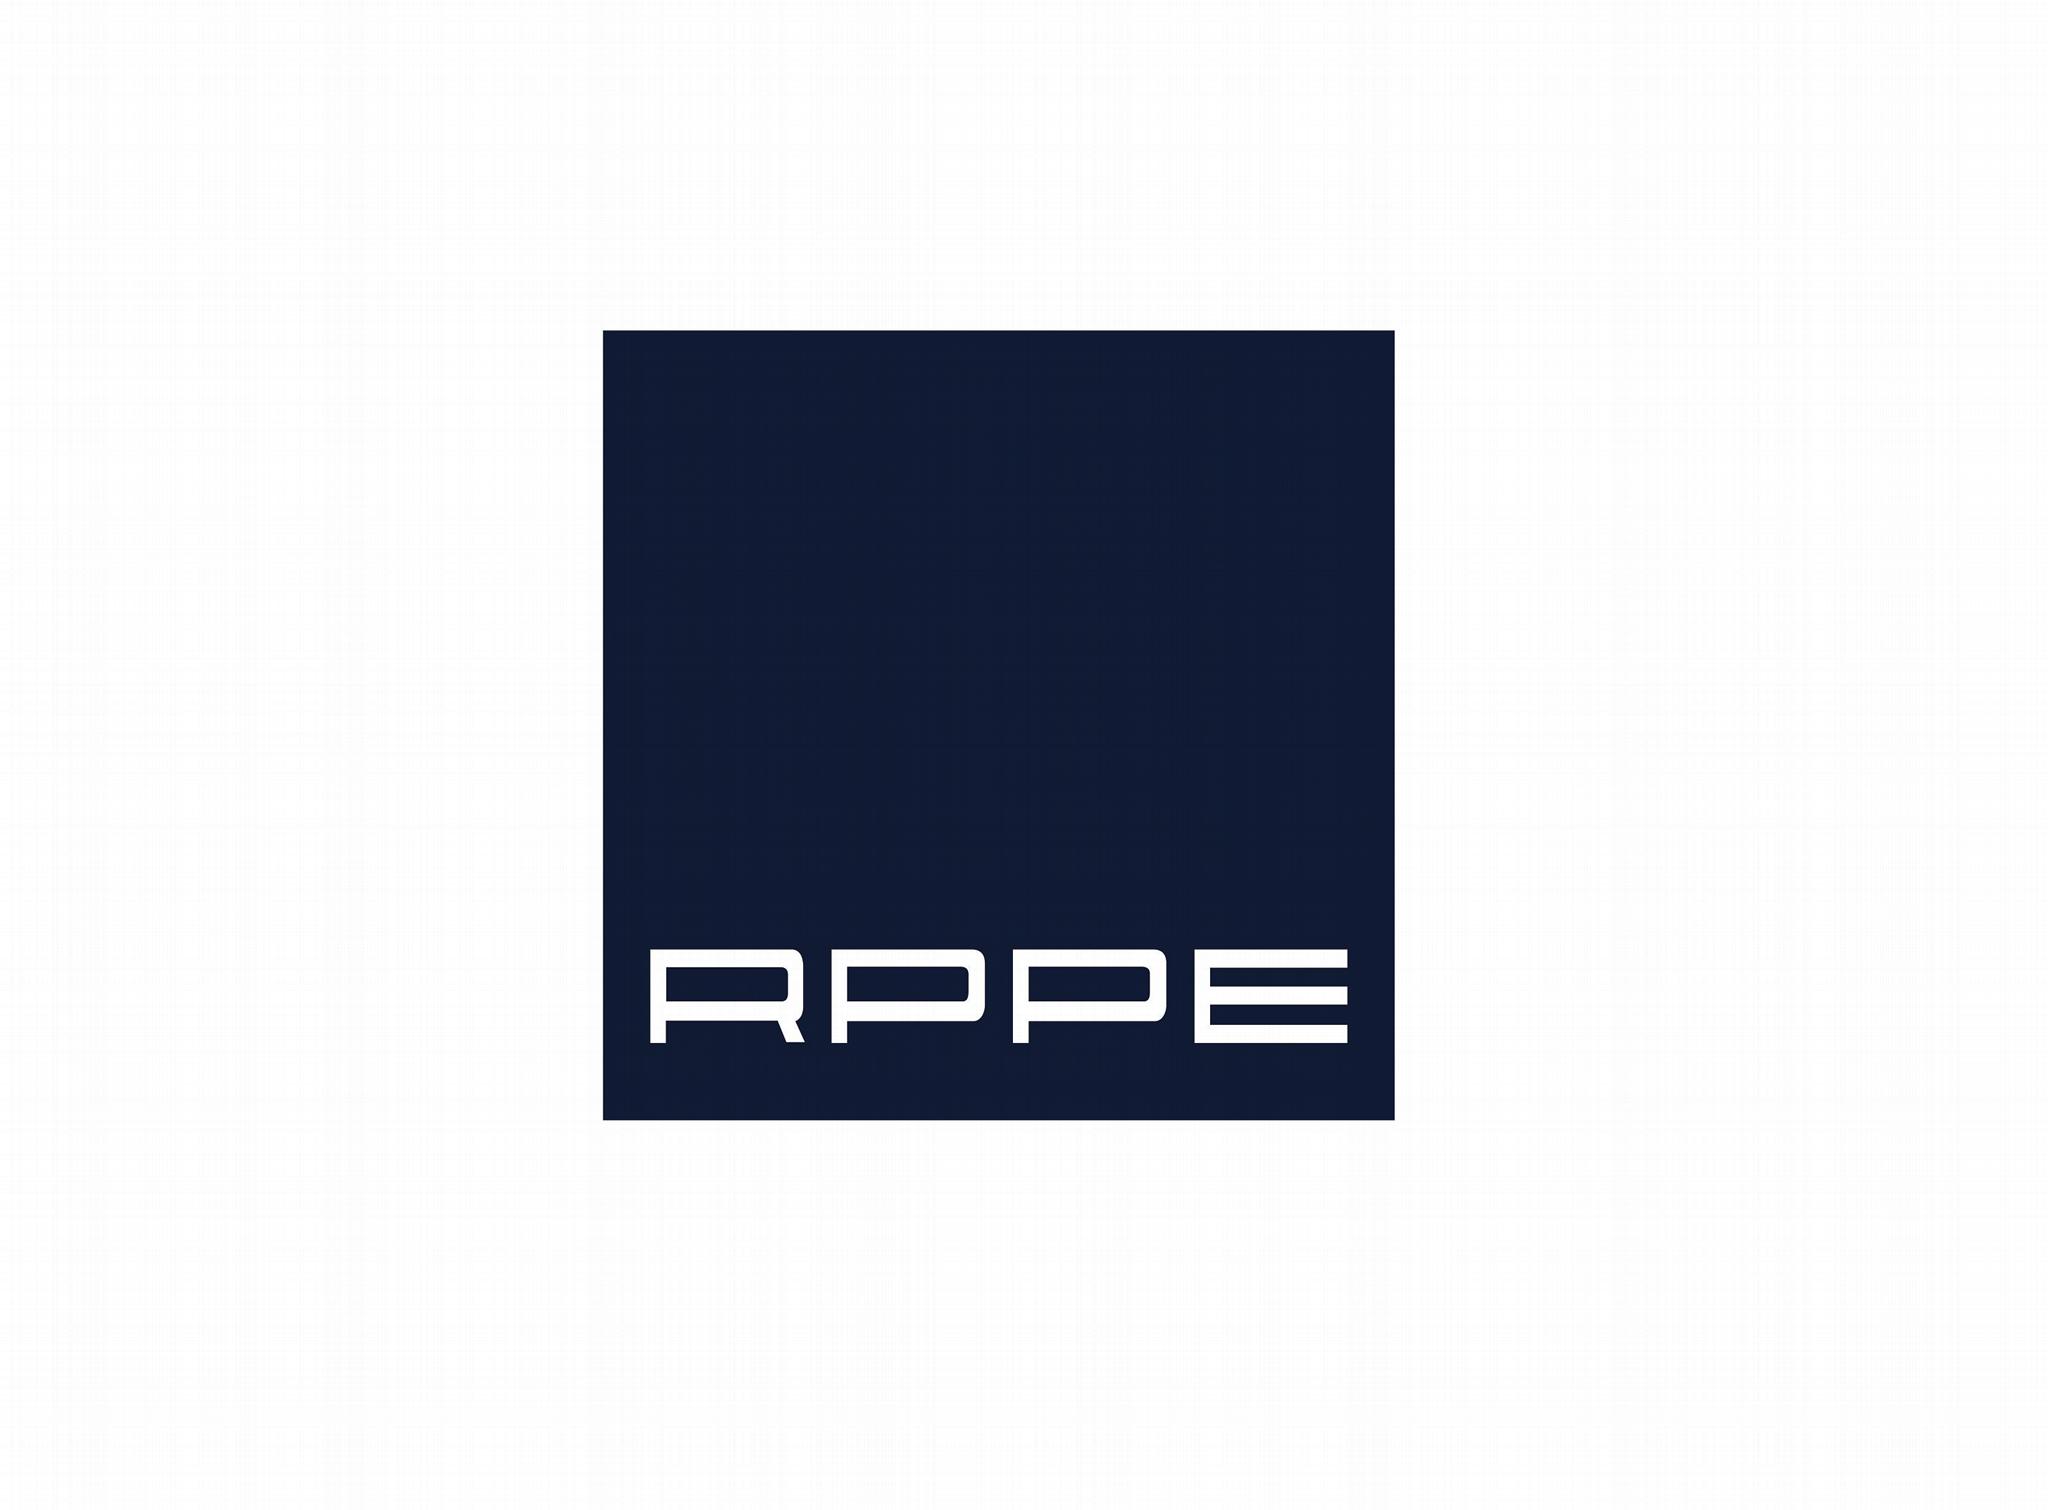 RPPE2019 第三届 上海国际橡塑胶暨包装机械展览会 1